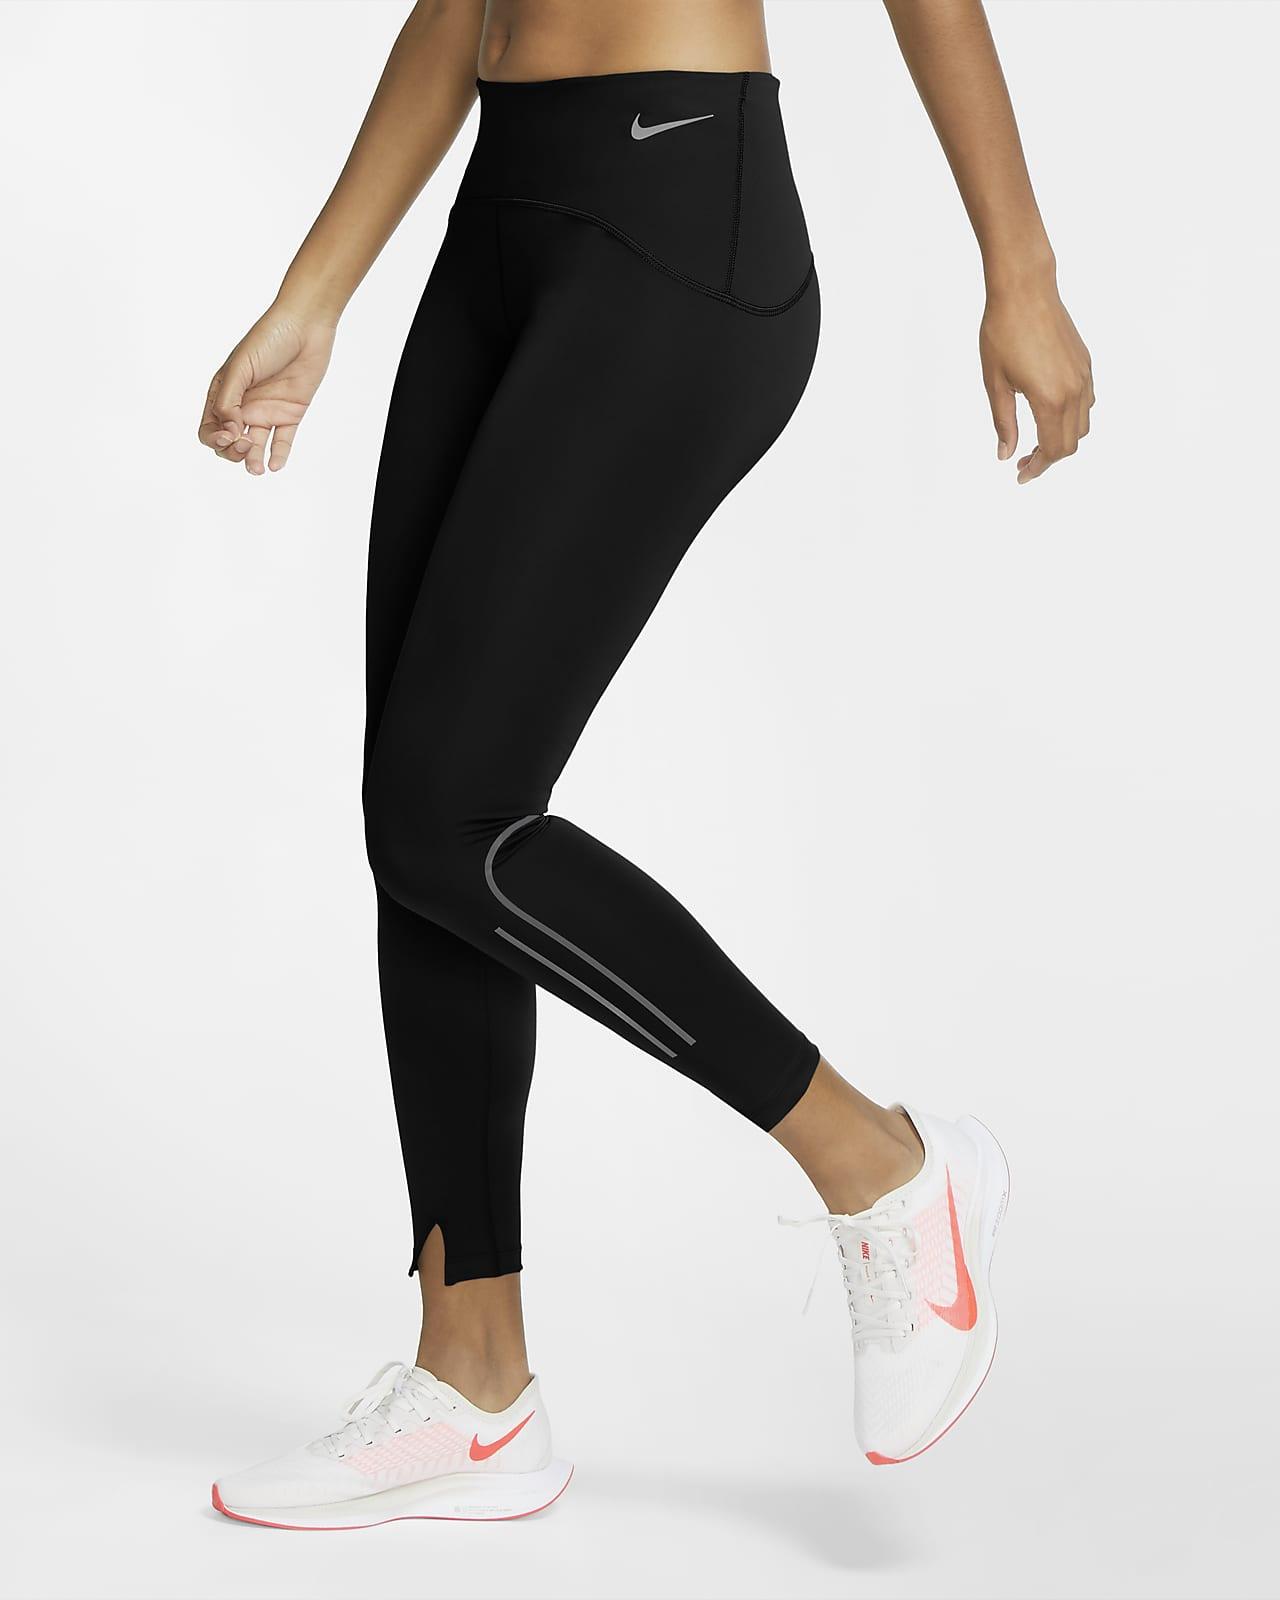 Γυναικείο κολάν προπόνησης με ματ όψη και μήκος 7/8 Nike Speed